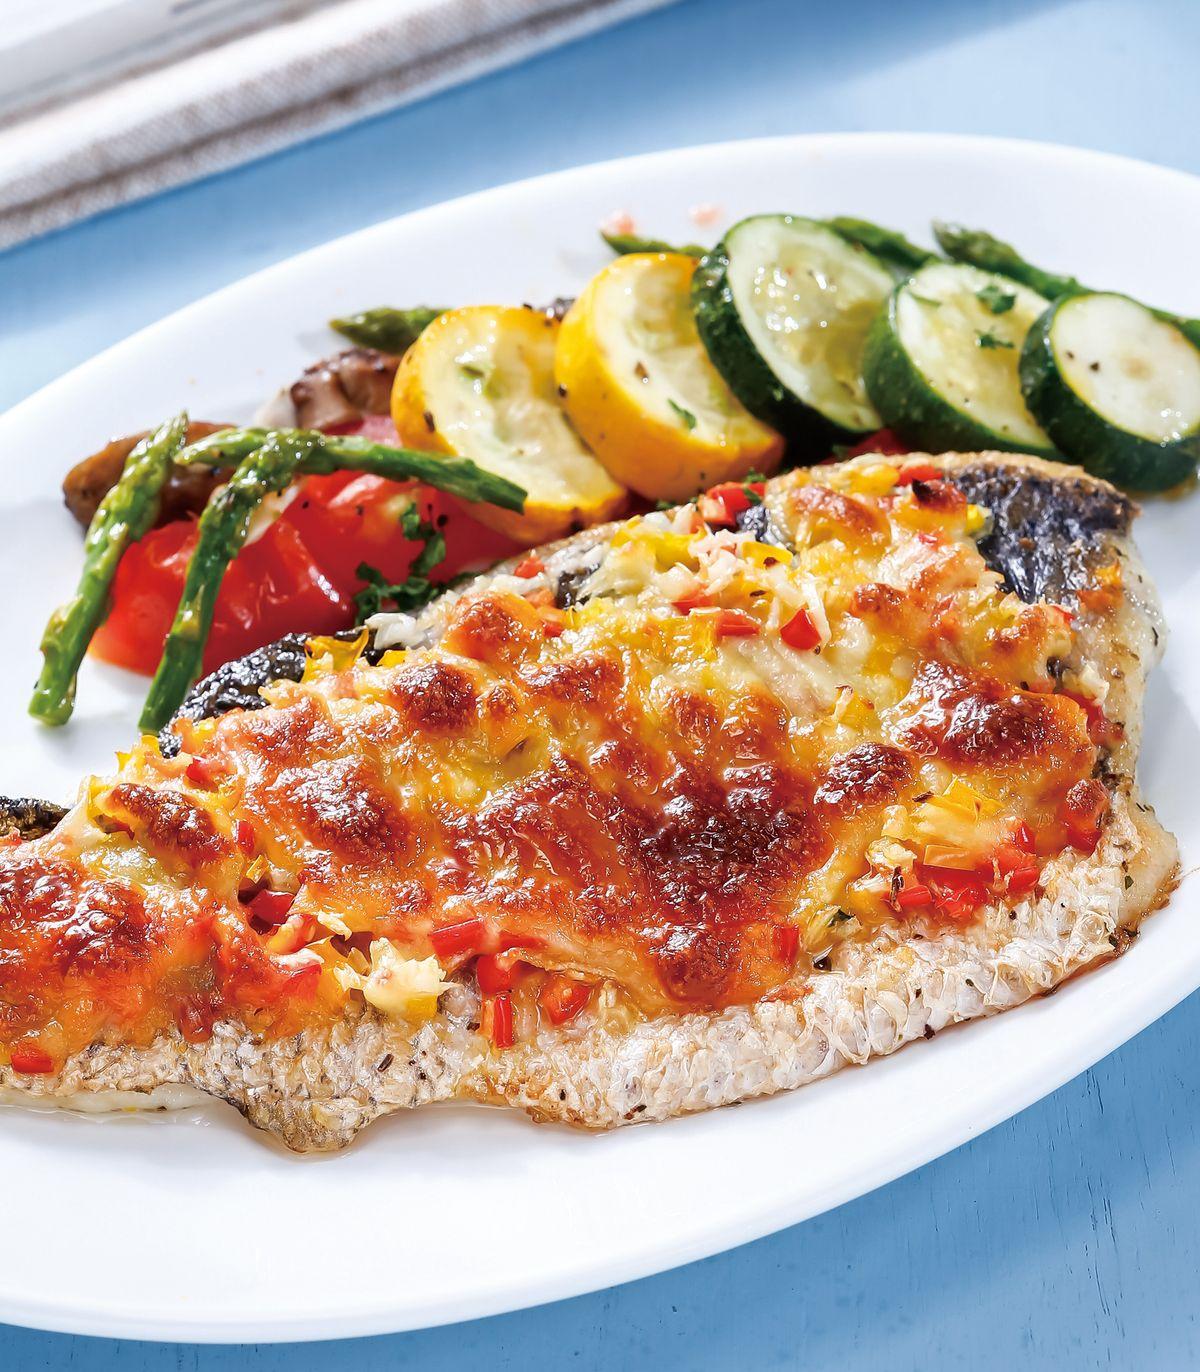 食譜:起司焗烤魚排